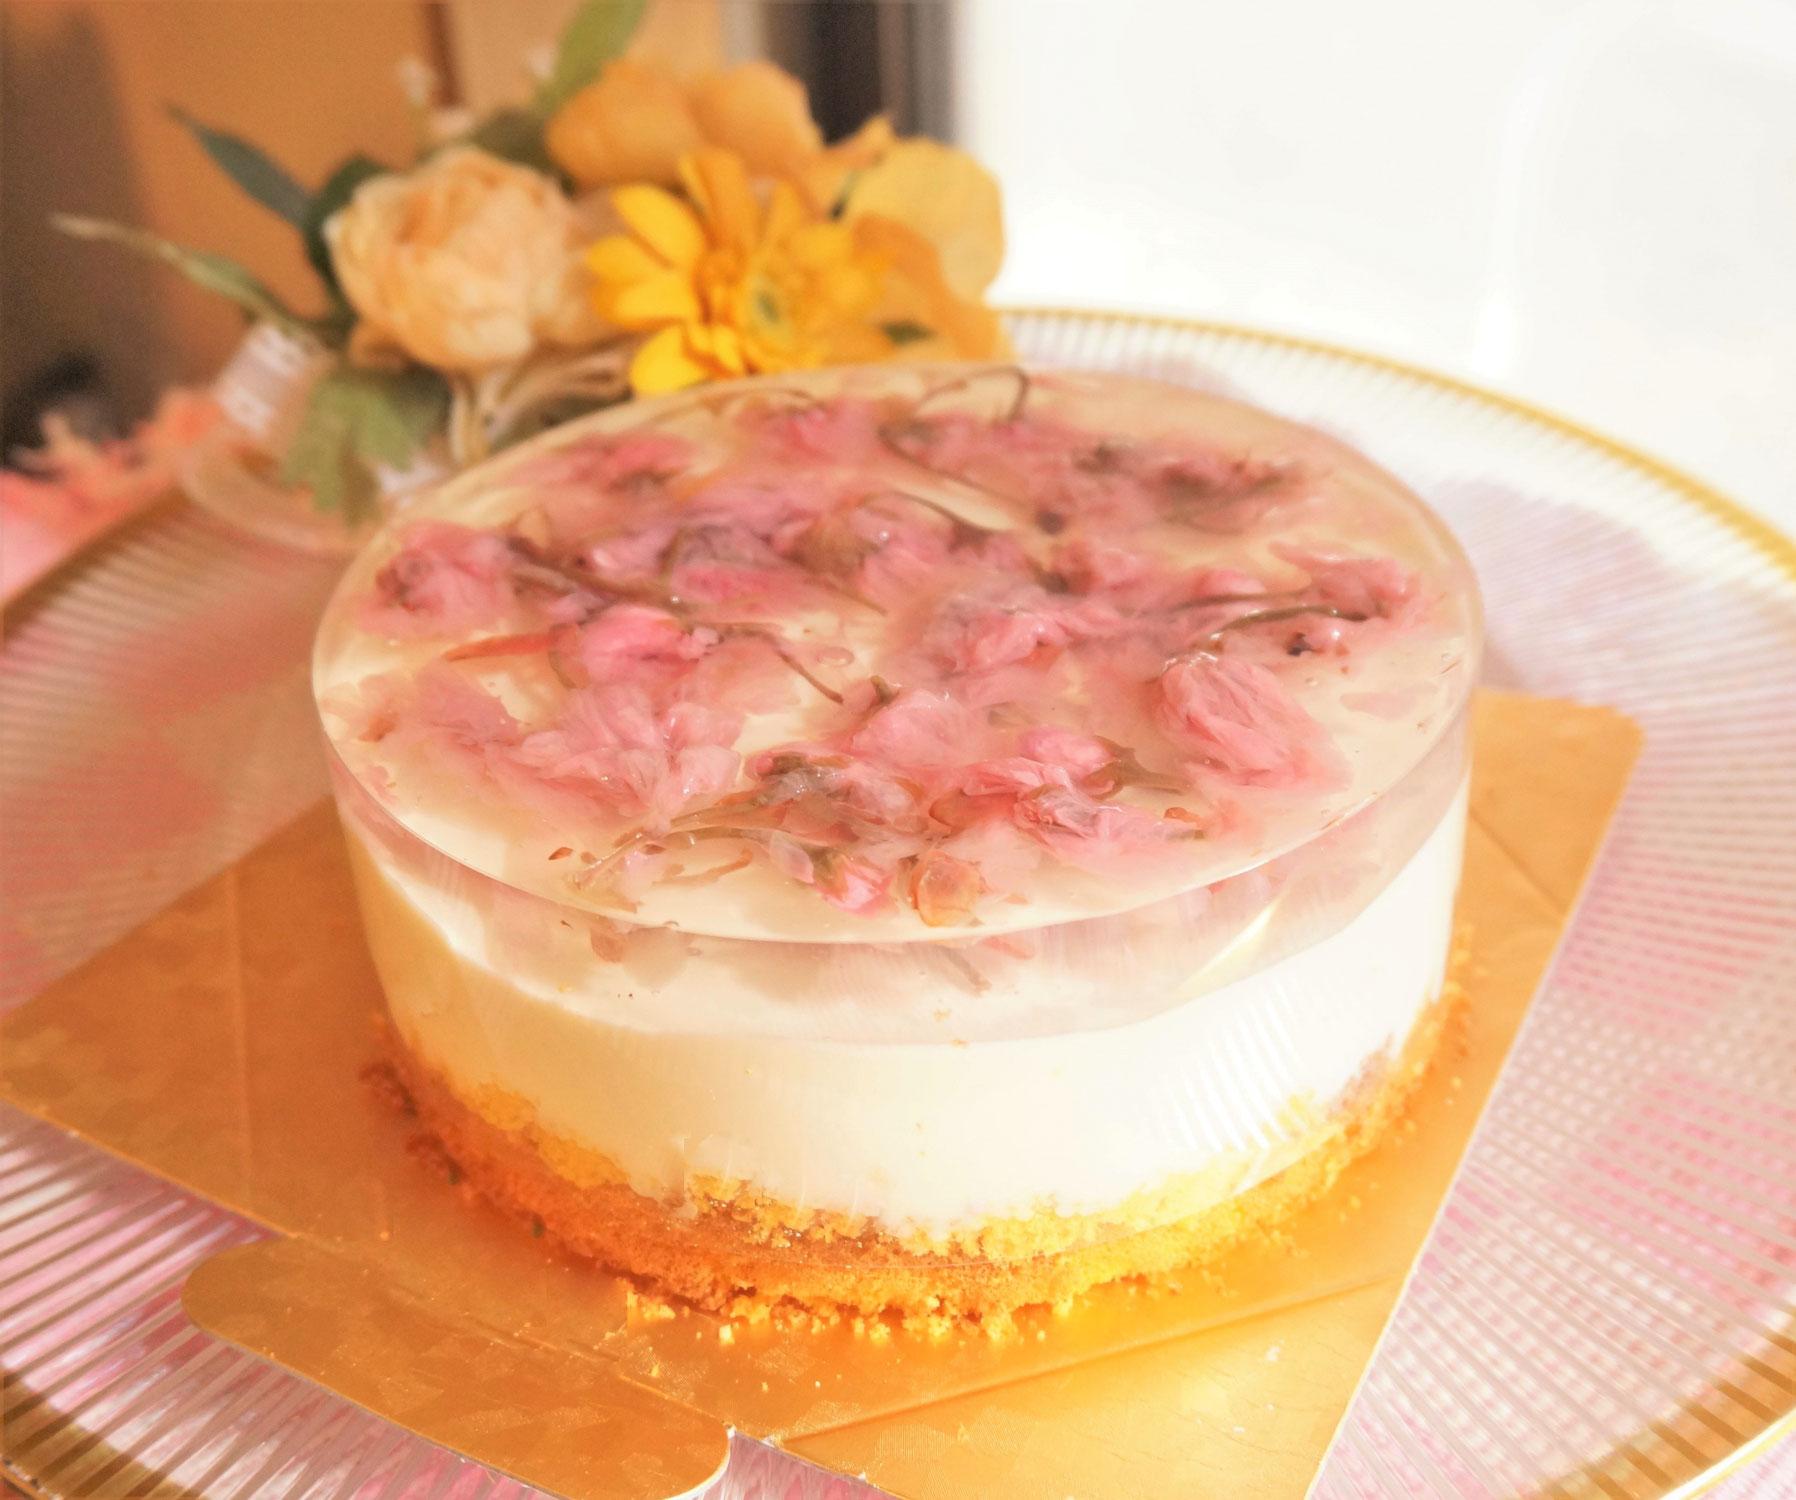 入園・入学・就職のお祝いケーキを手作りしてみませんか?低糖質スイーツ作り